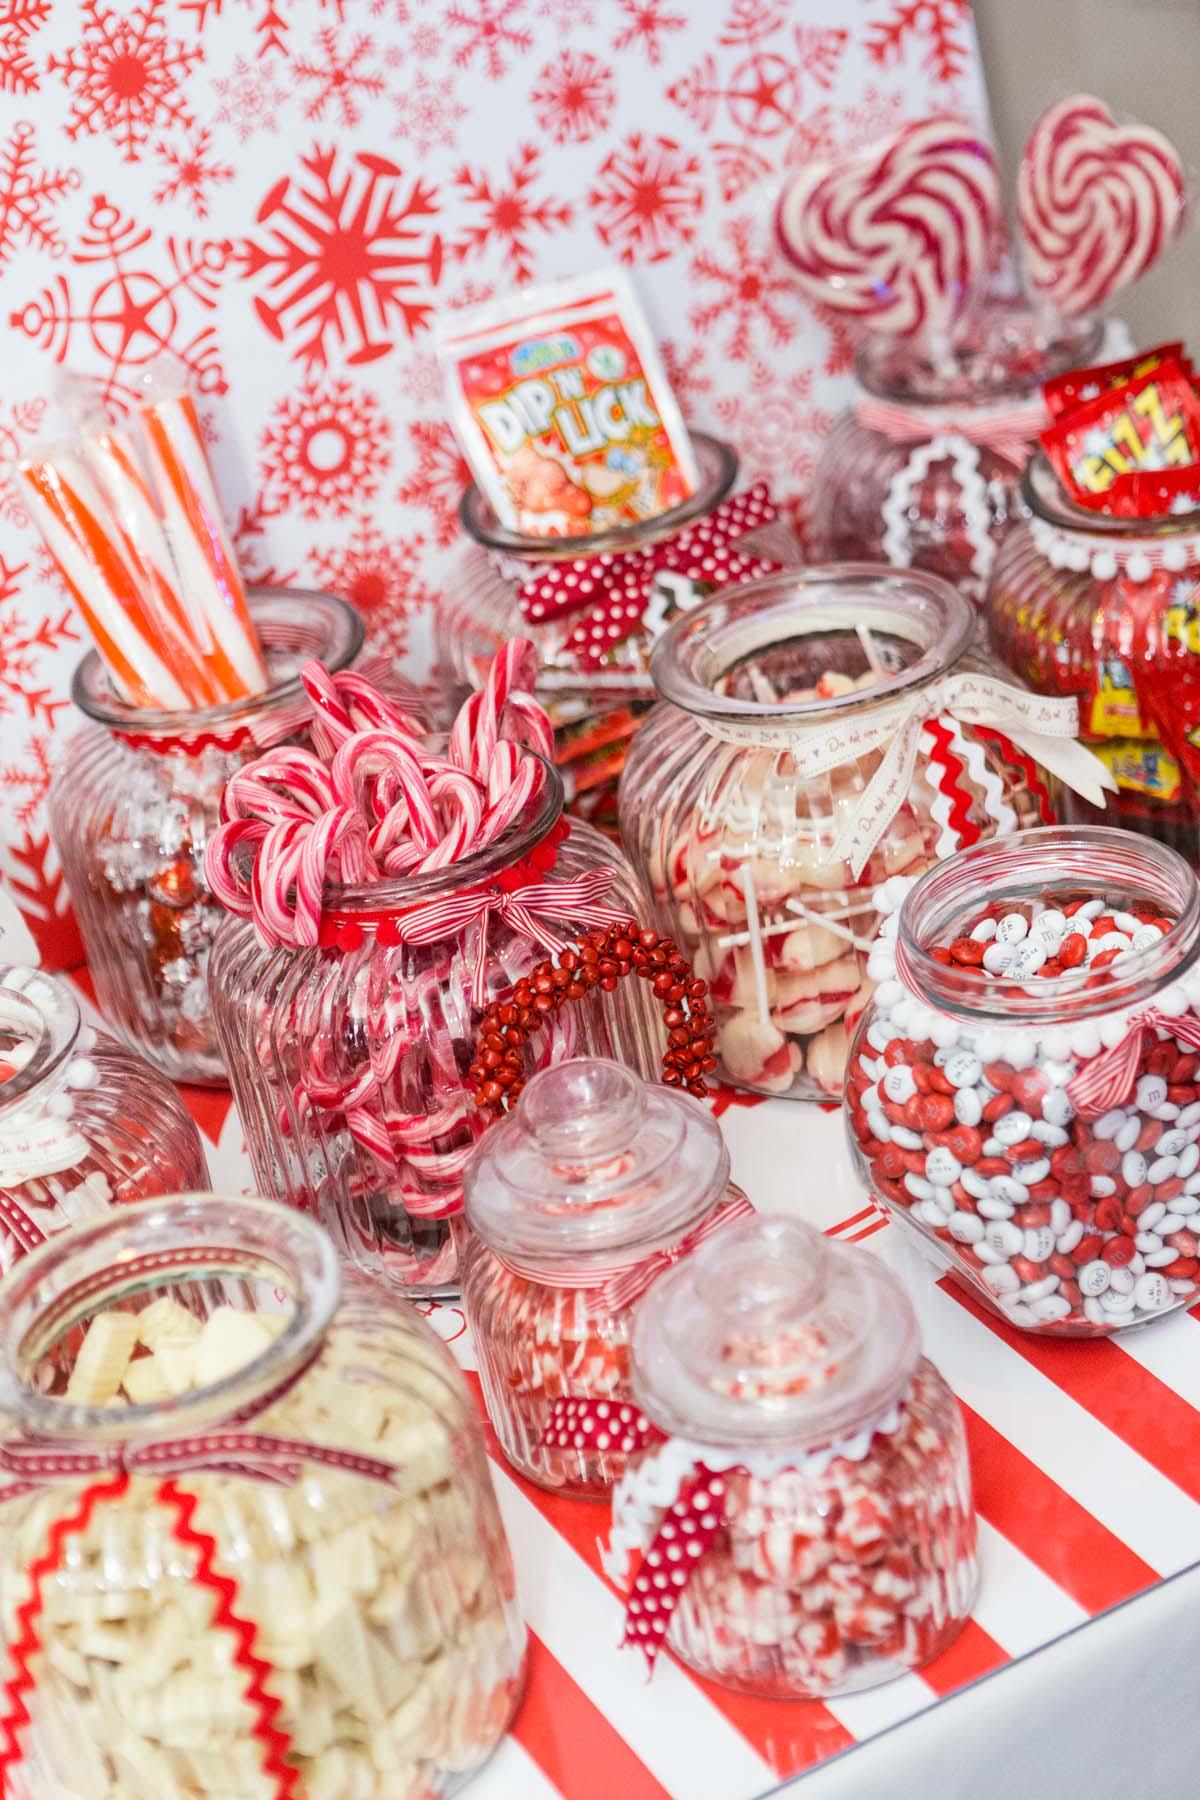 Sweet jar table